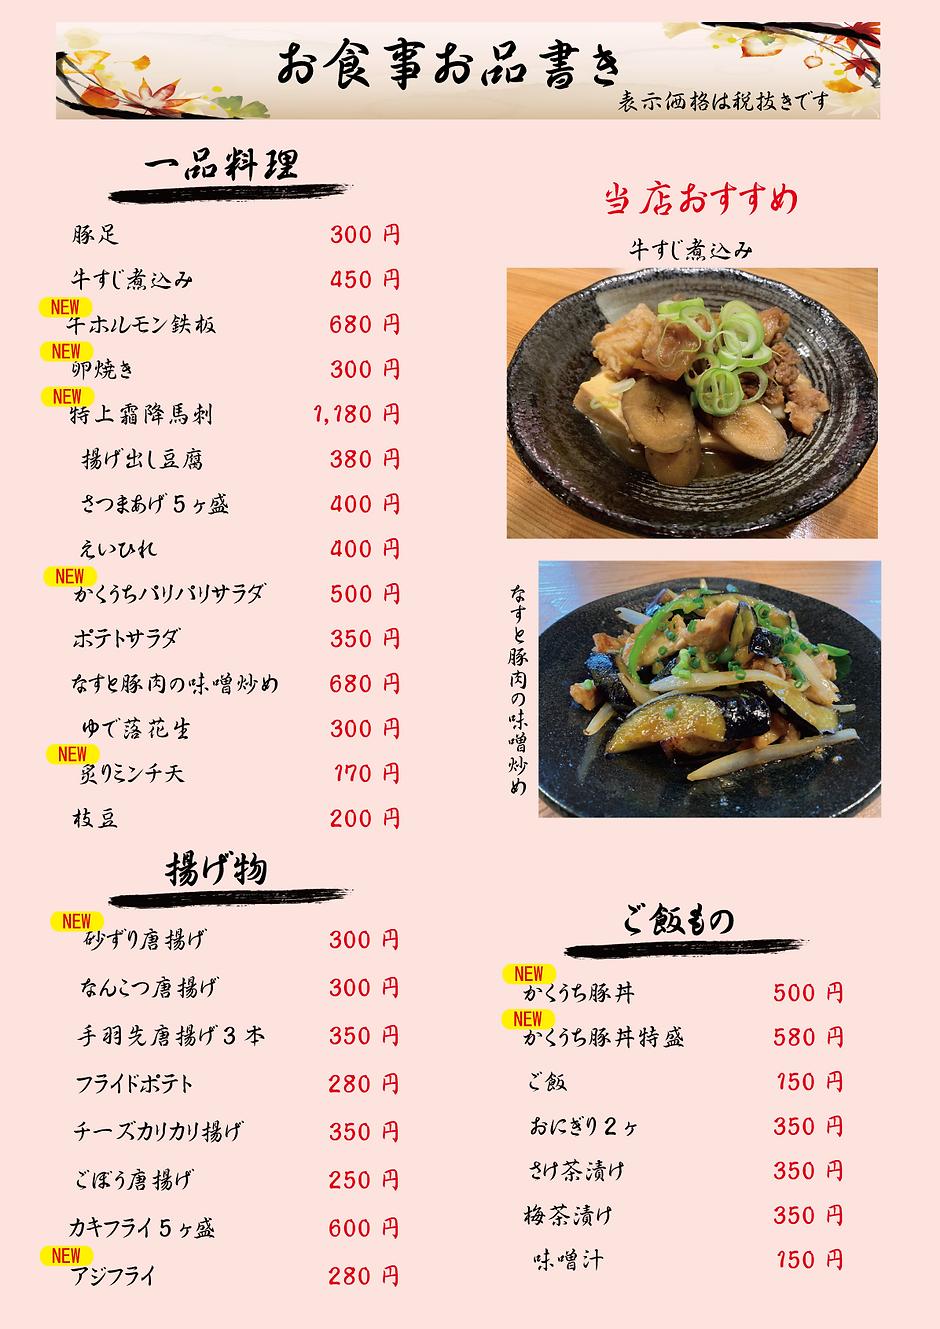 食事メニュー2.png